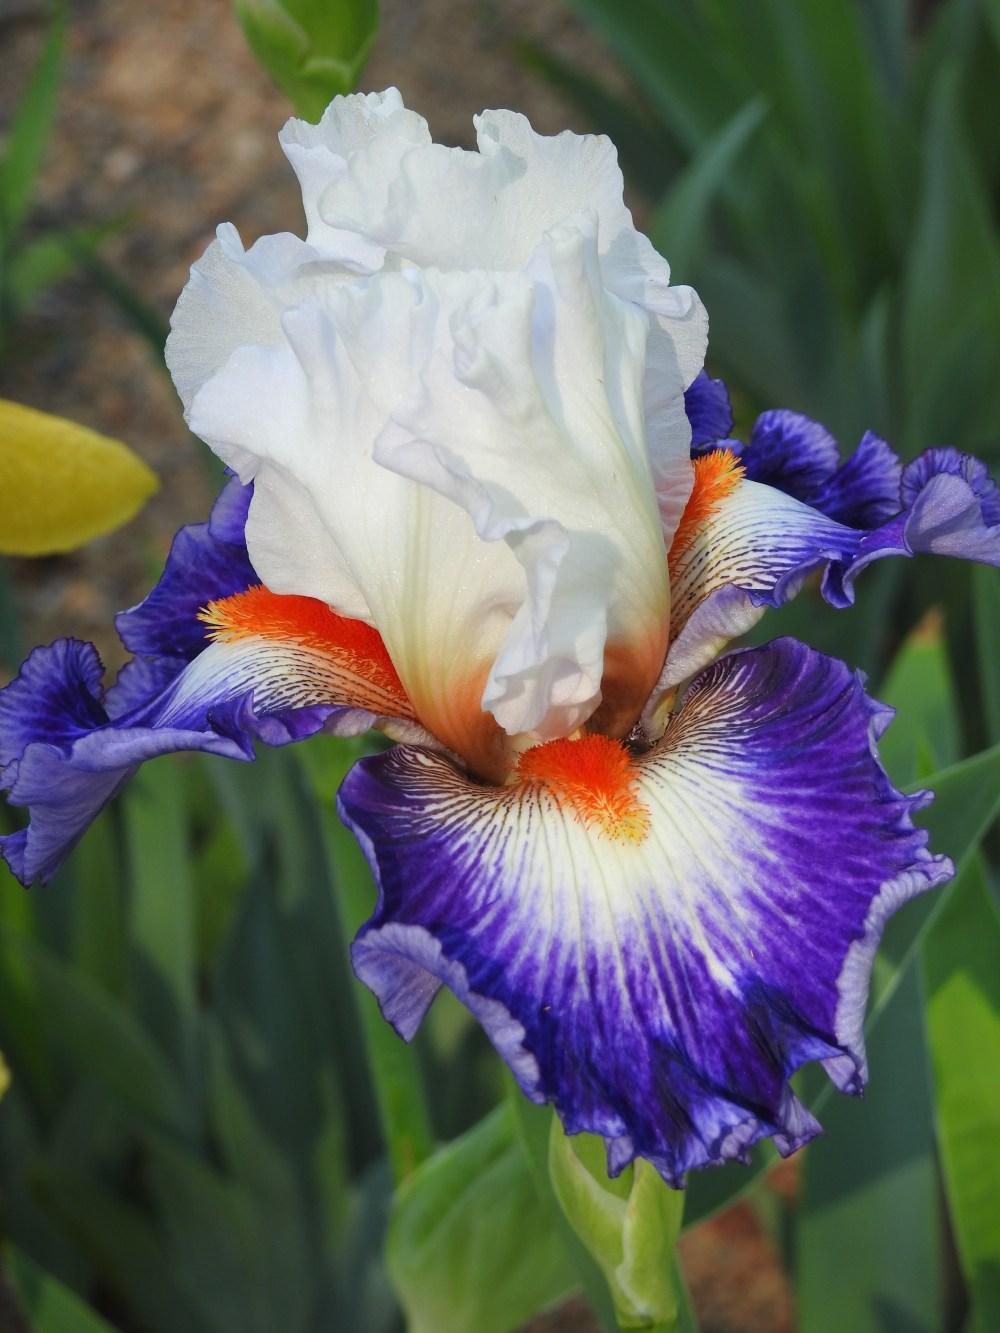 Tall bearded iris, Iris 'Gypsy Lord'